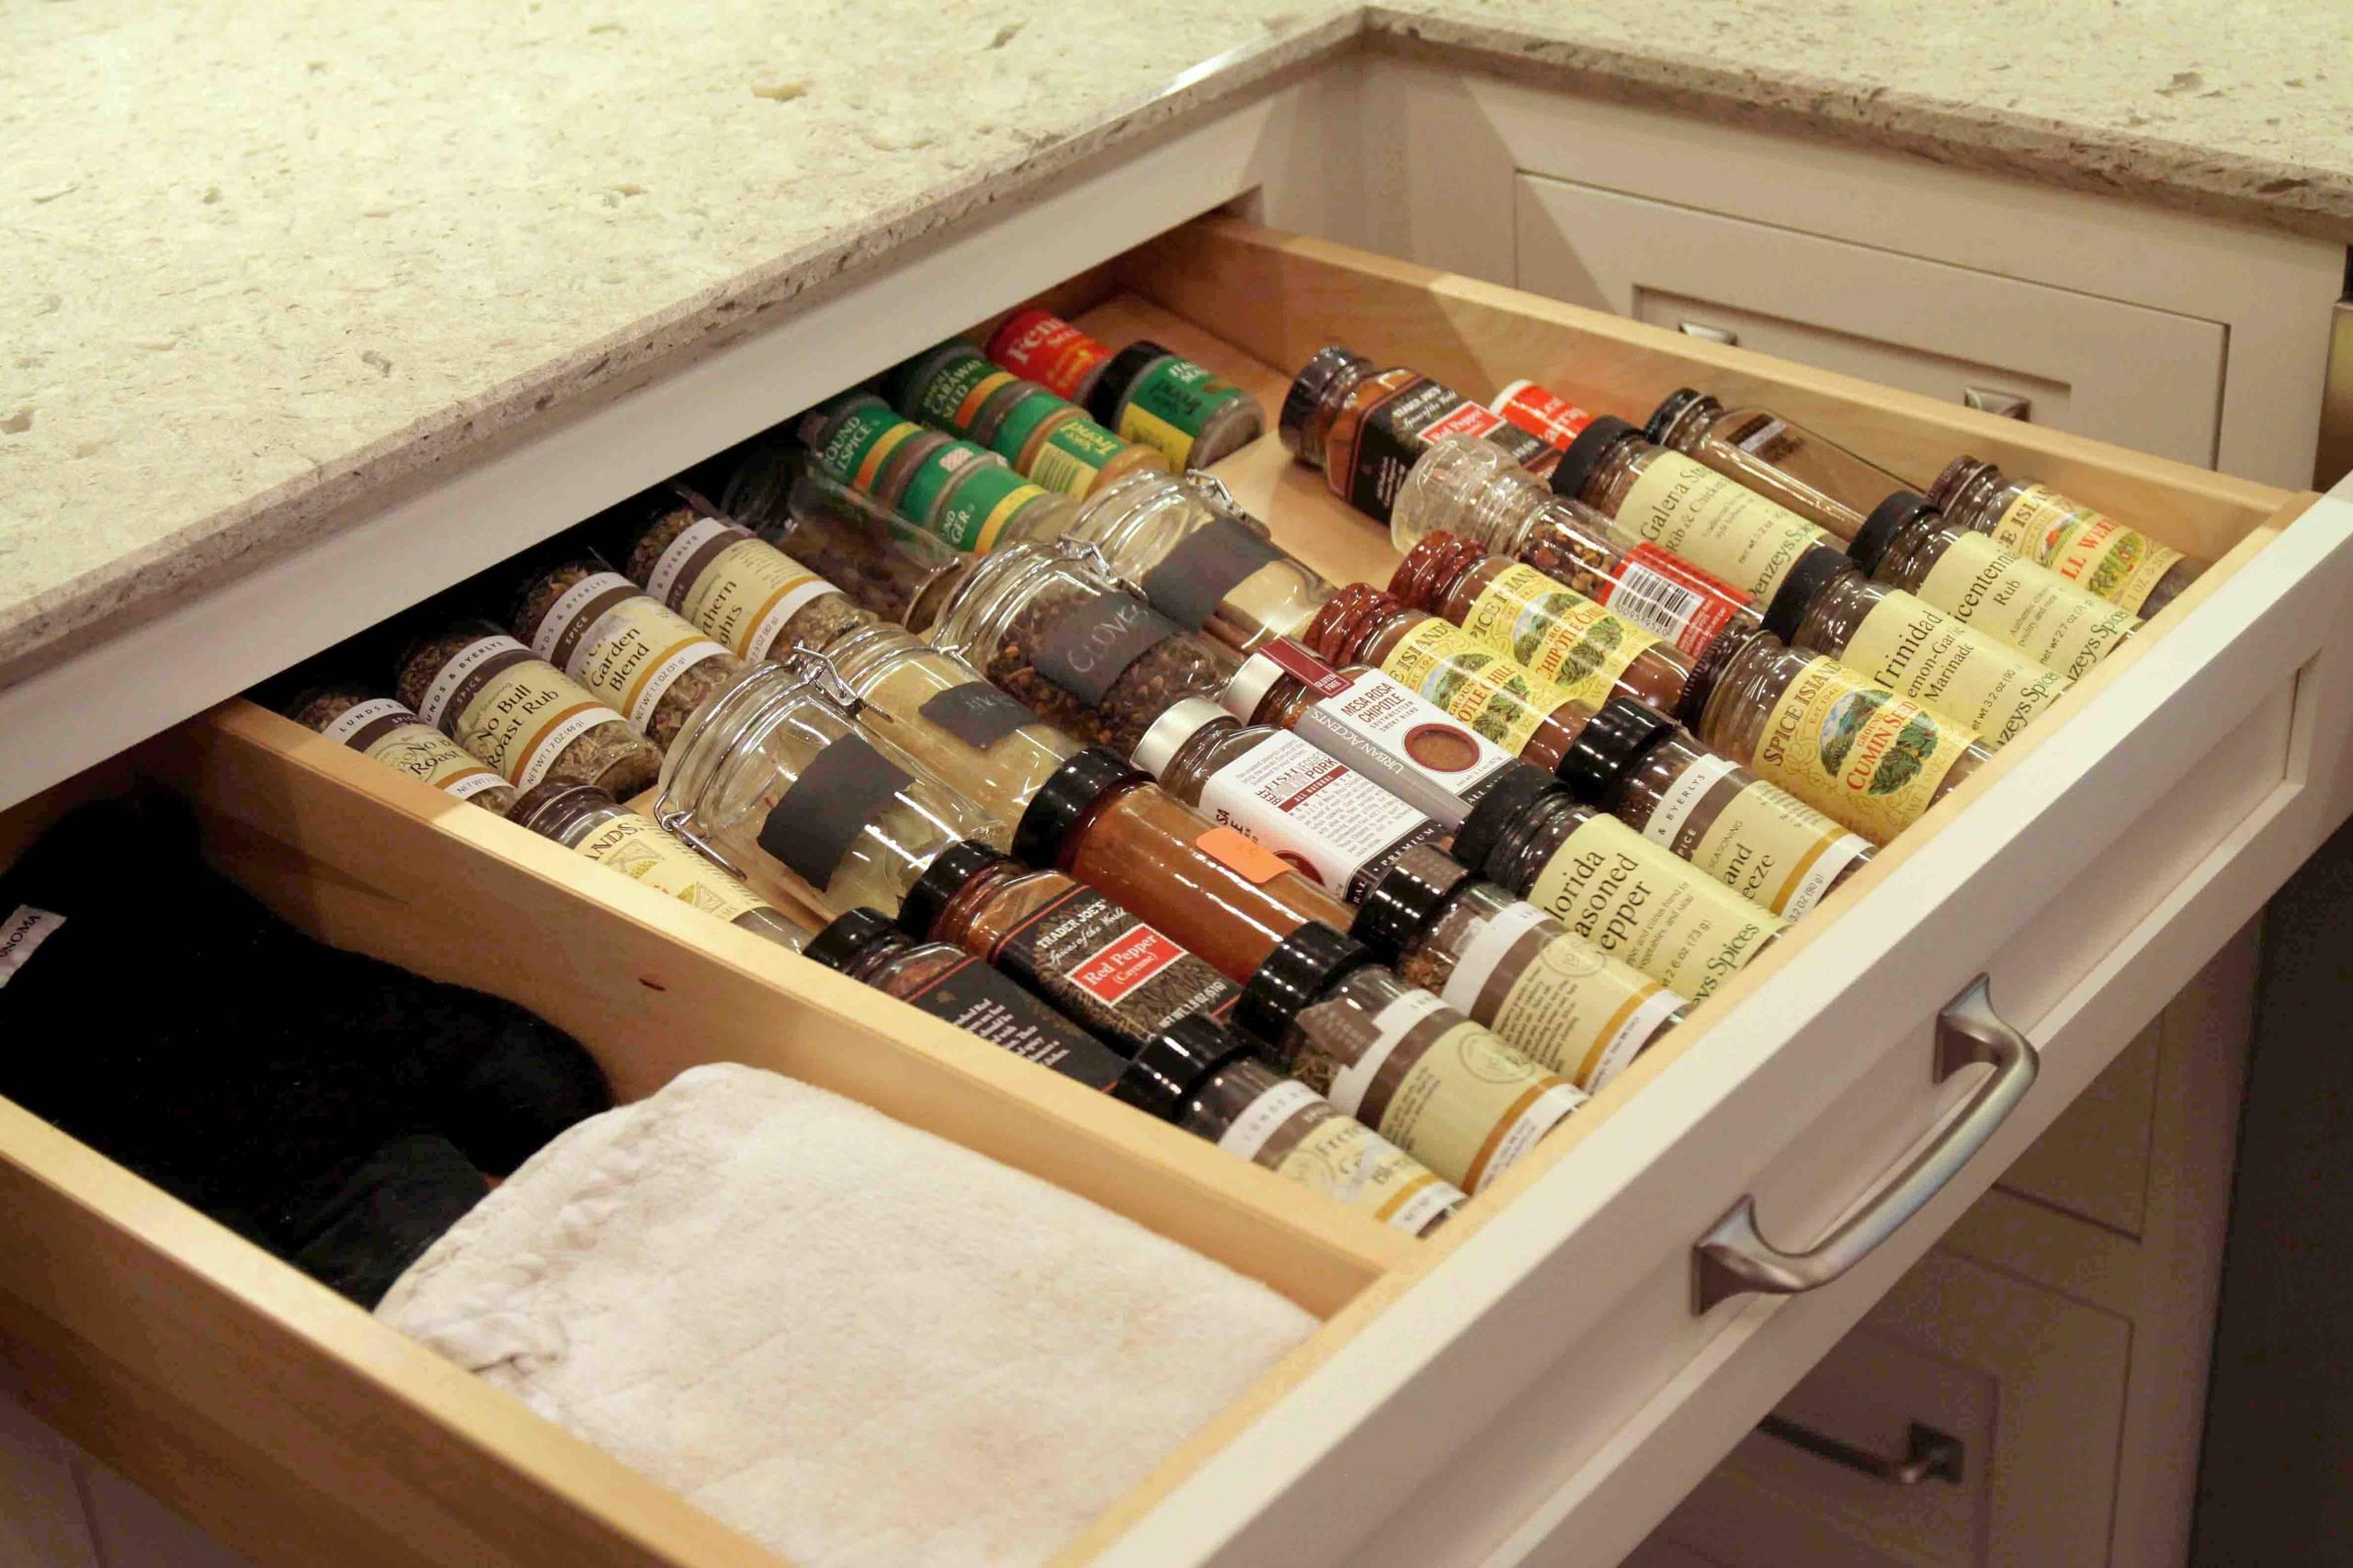 Il existe de nombreuses idées pratiques pour conserver les épices dans la cuisine.